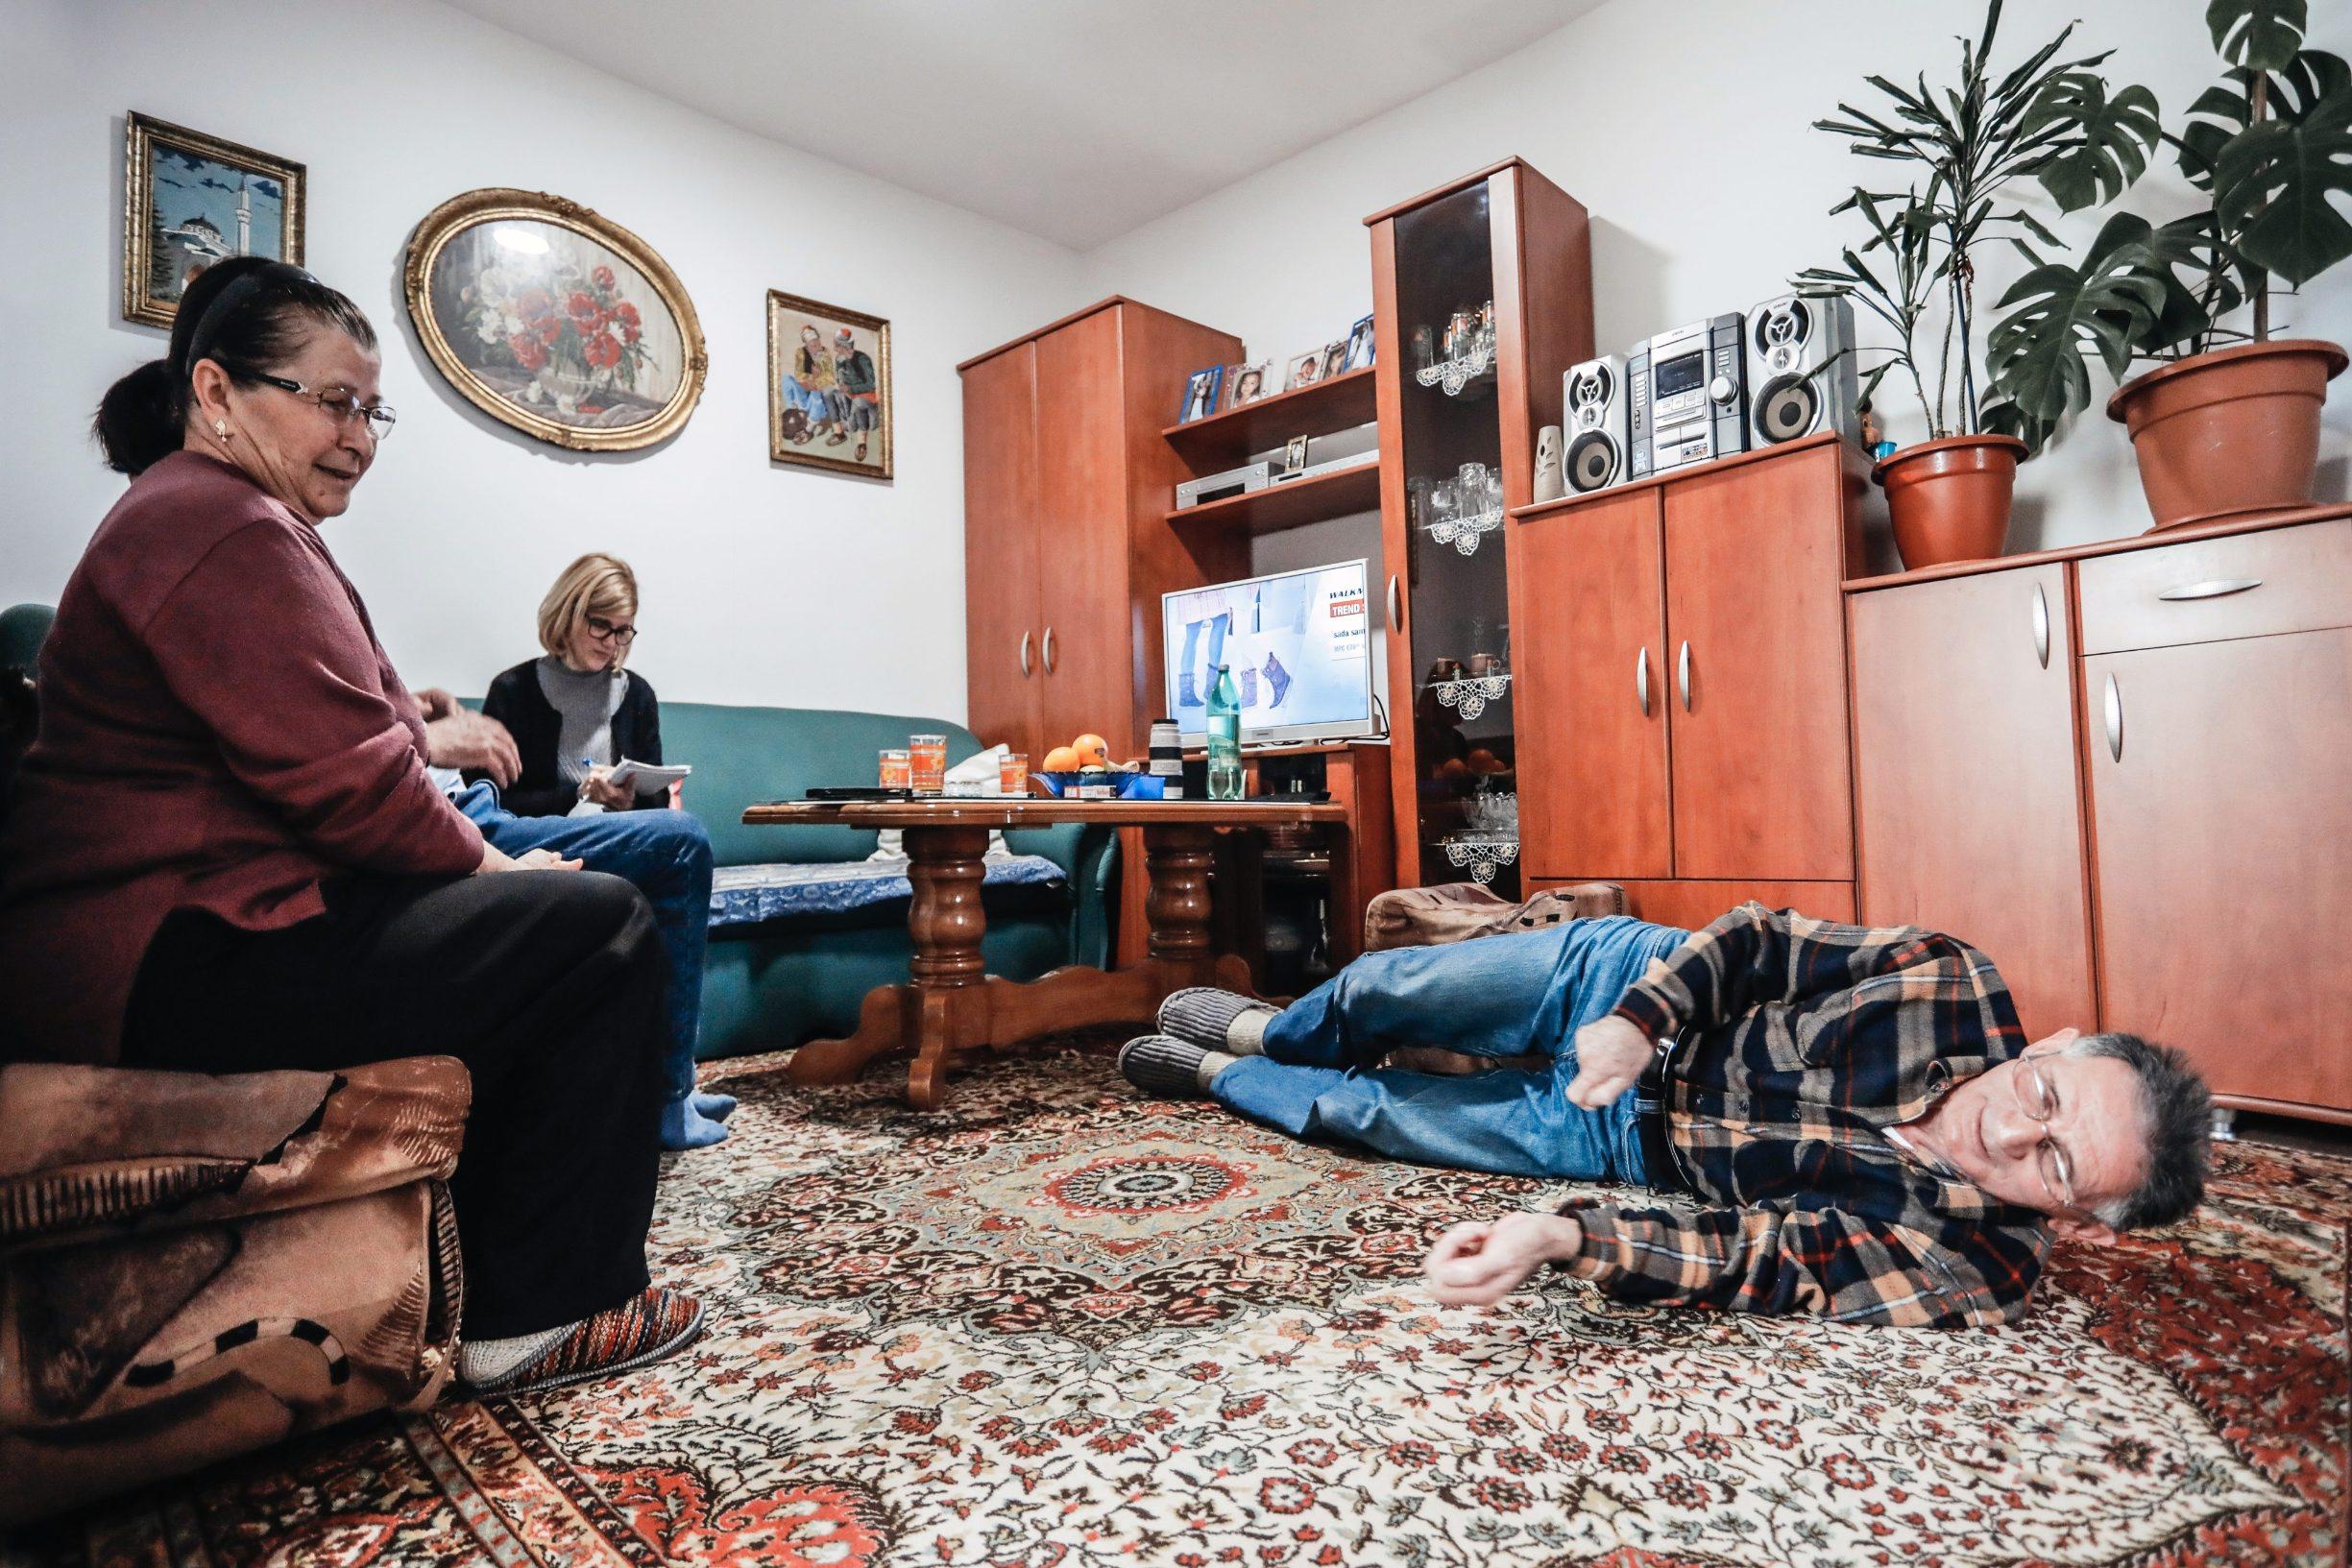 Labin, 250220 Reportaza o gradu Labinu u ciklusu I to je Hrvatska.  Na fotografiji Rasim Causevic, bivsi labinski rudar objasnjava kako su kopali. Foto: Danijel Soldo / CROPIX